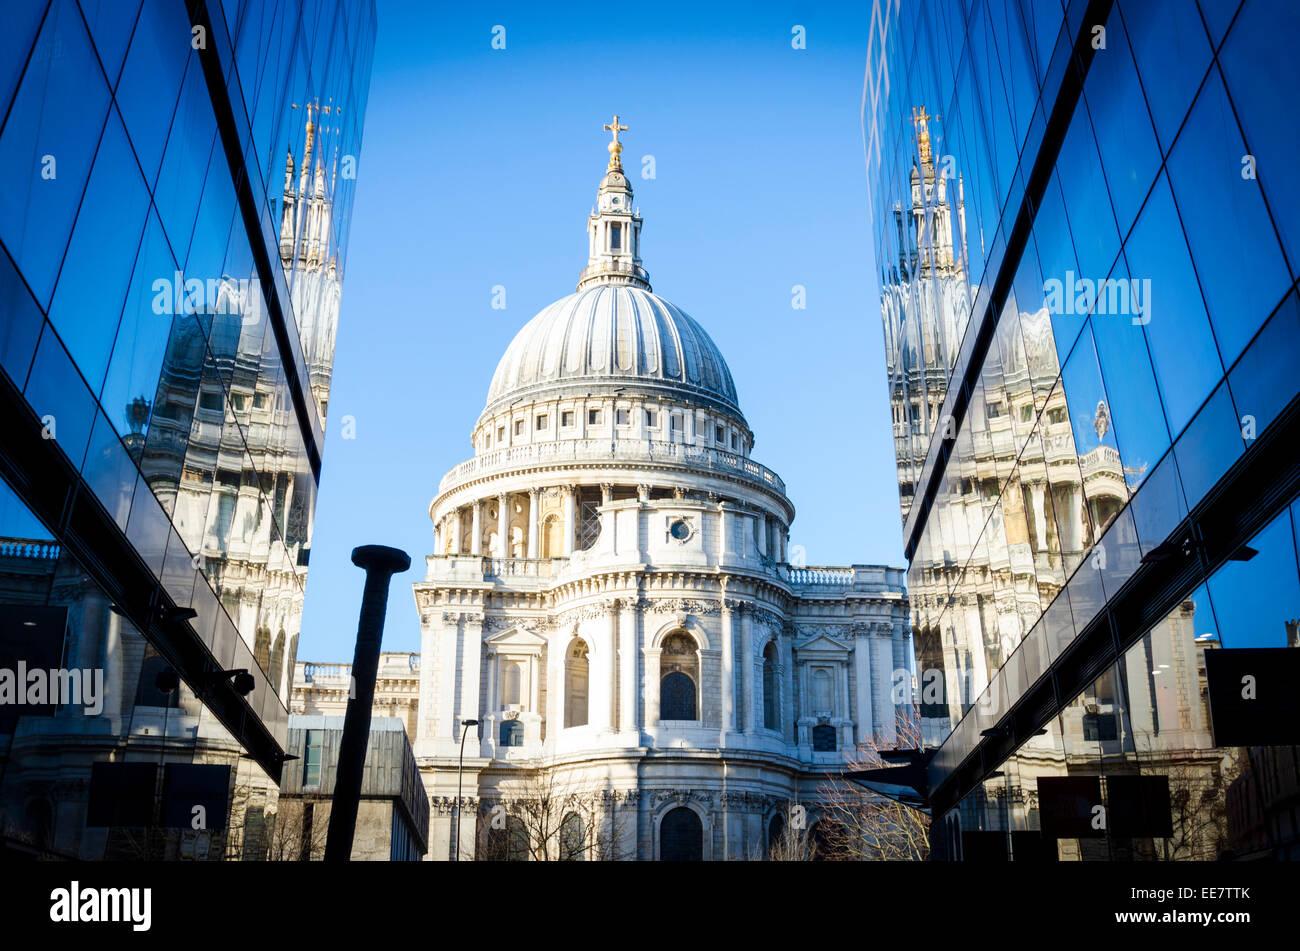 Die St Paul's Kathedrale, spiegelt sich in dem Glas von einem neuen Einkaufszentrum. Stadt von London, Großbritannien Stockbild